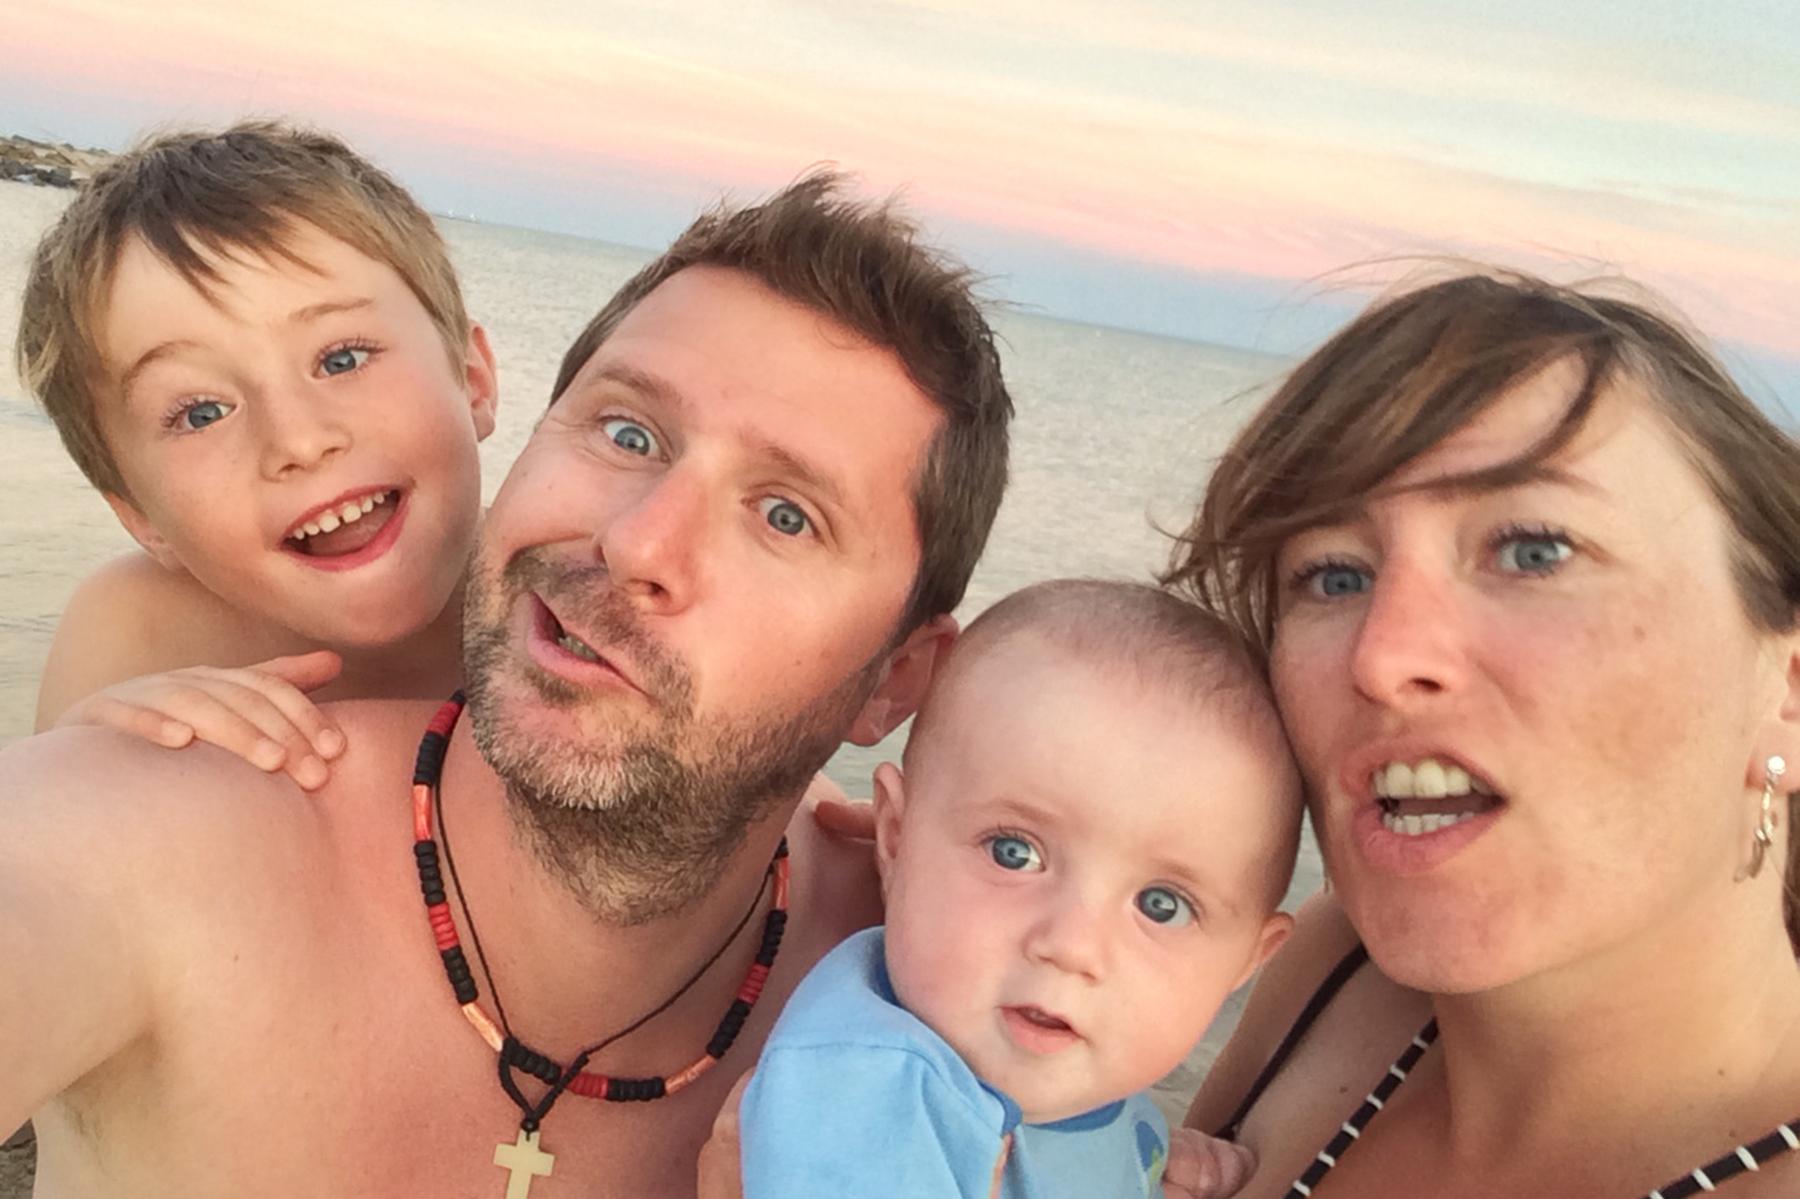 Accueil du site de photograpge de mariage David Pommier avec sa famille